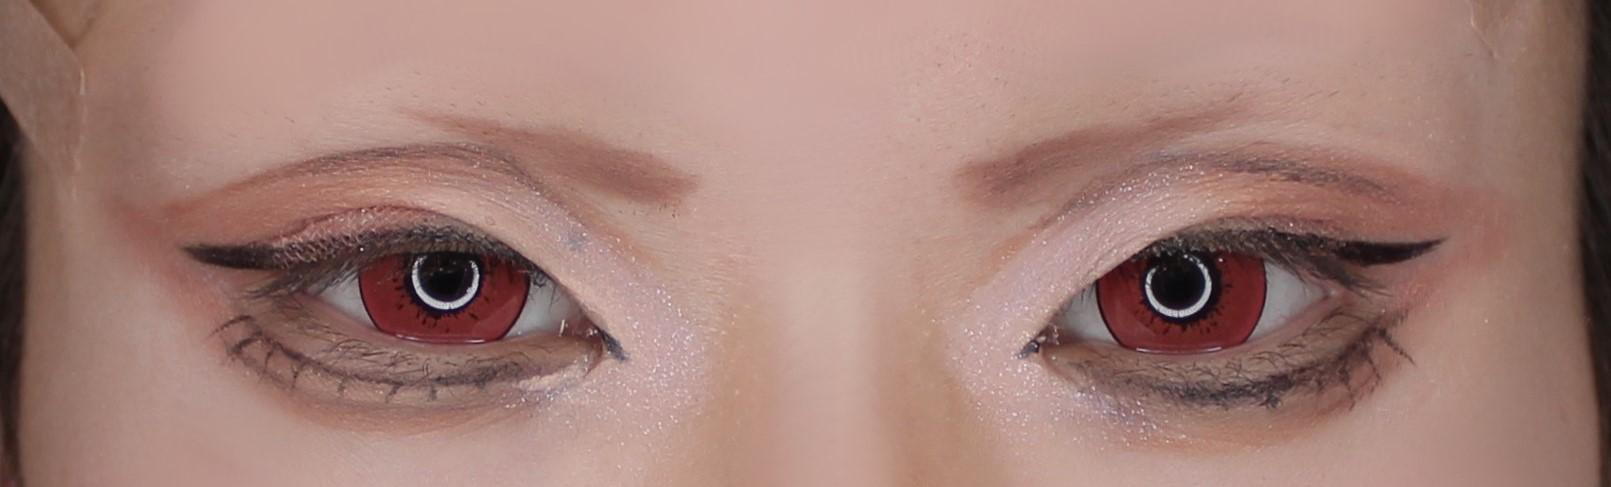 『チェンソーマン』の「パワー」用の目頭にハイライトを入れるコスプレメイクアップアーティスト綴喜明日香さん